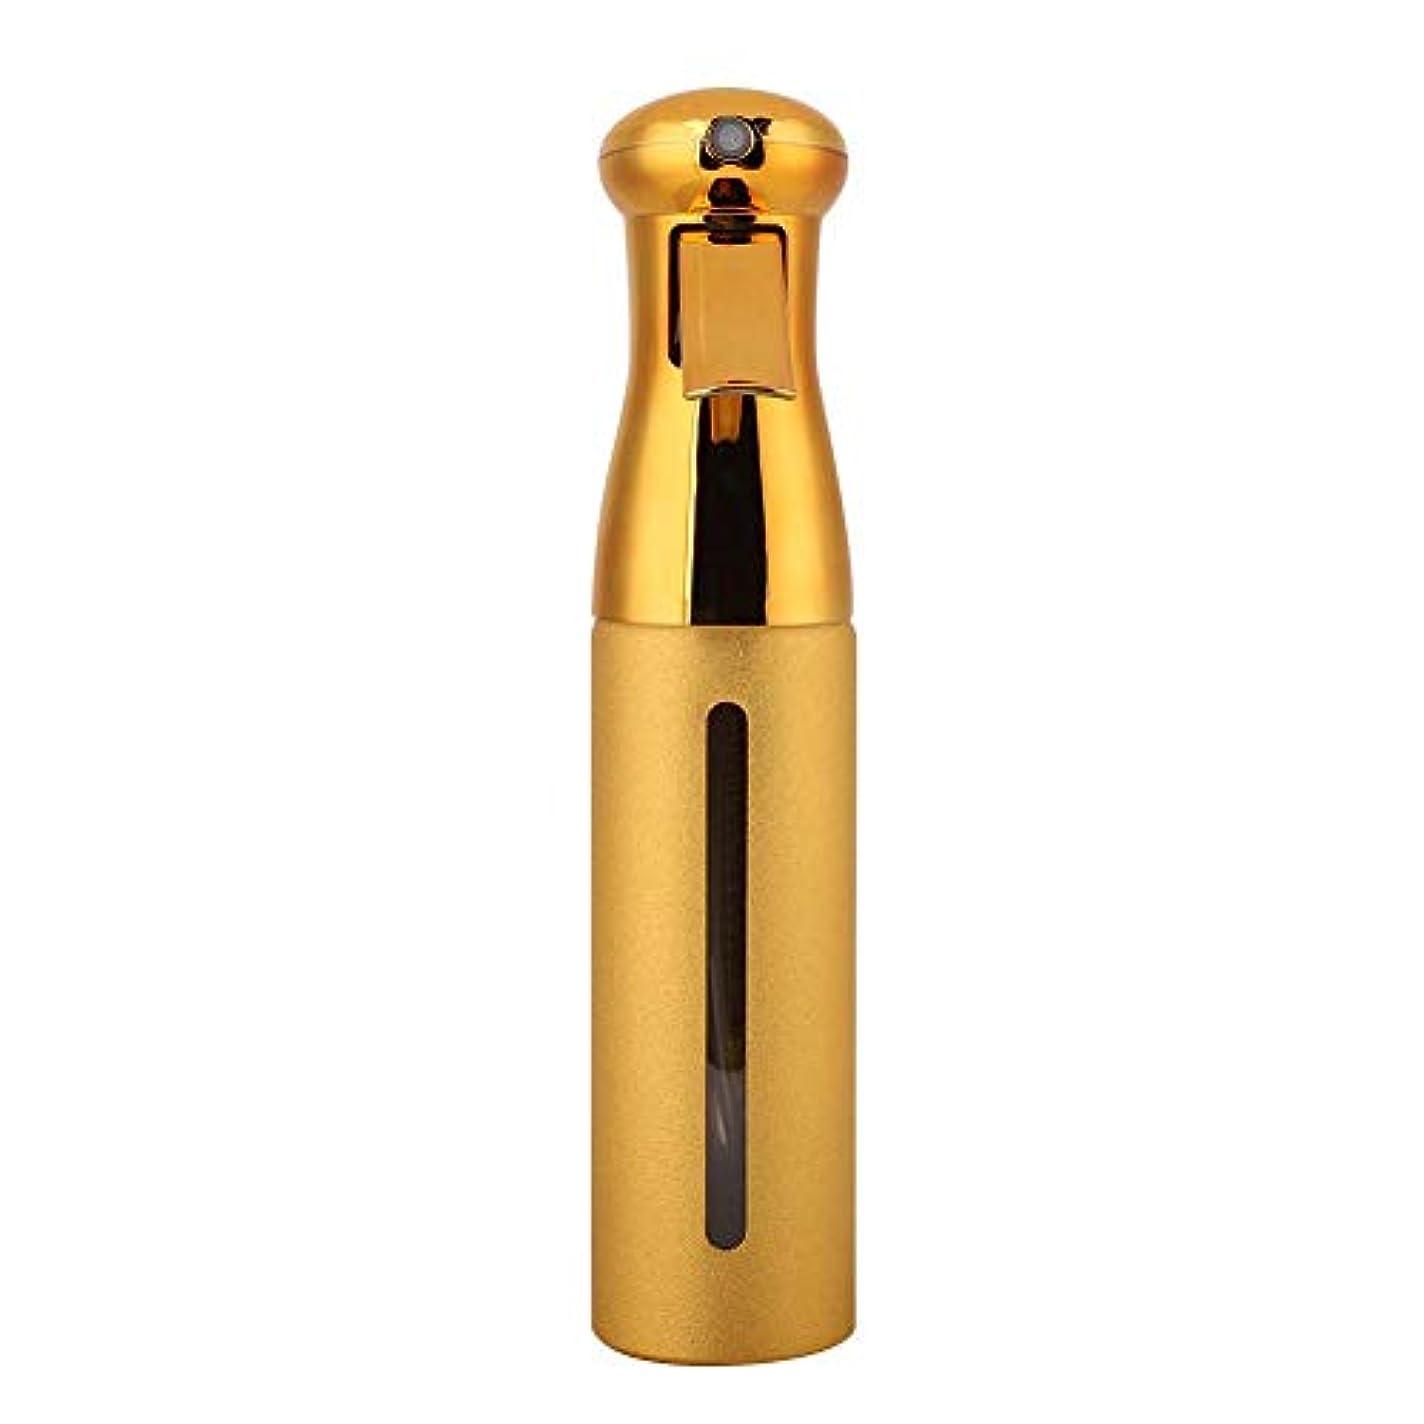 びっくりする抽選アウター250ml理髪スプレーボトル、サロン床屋ヘアツールファインミストスプレースタイリングツール(ゴールド)